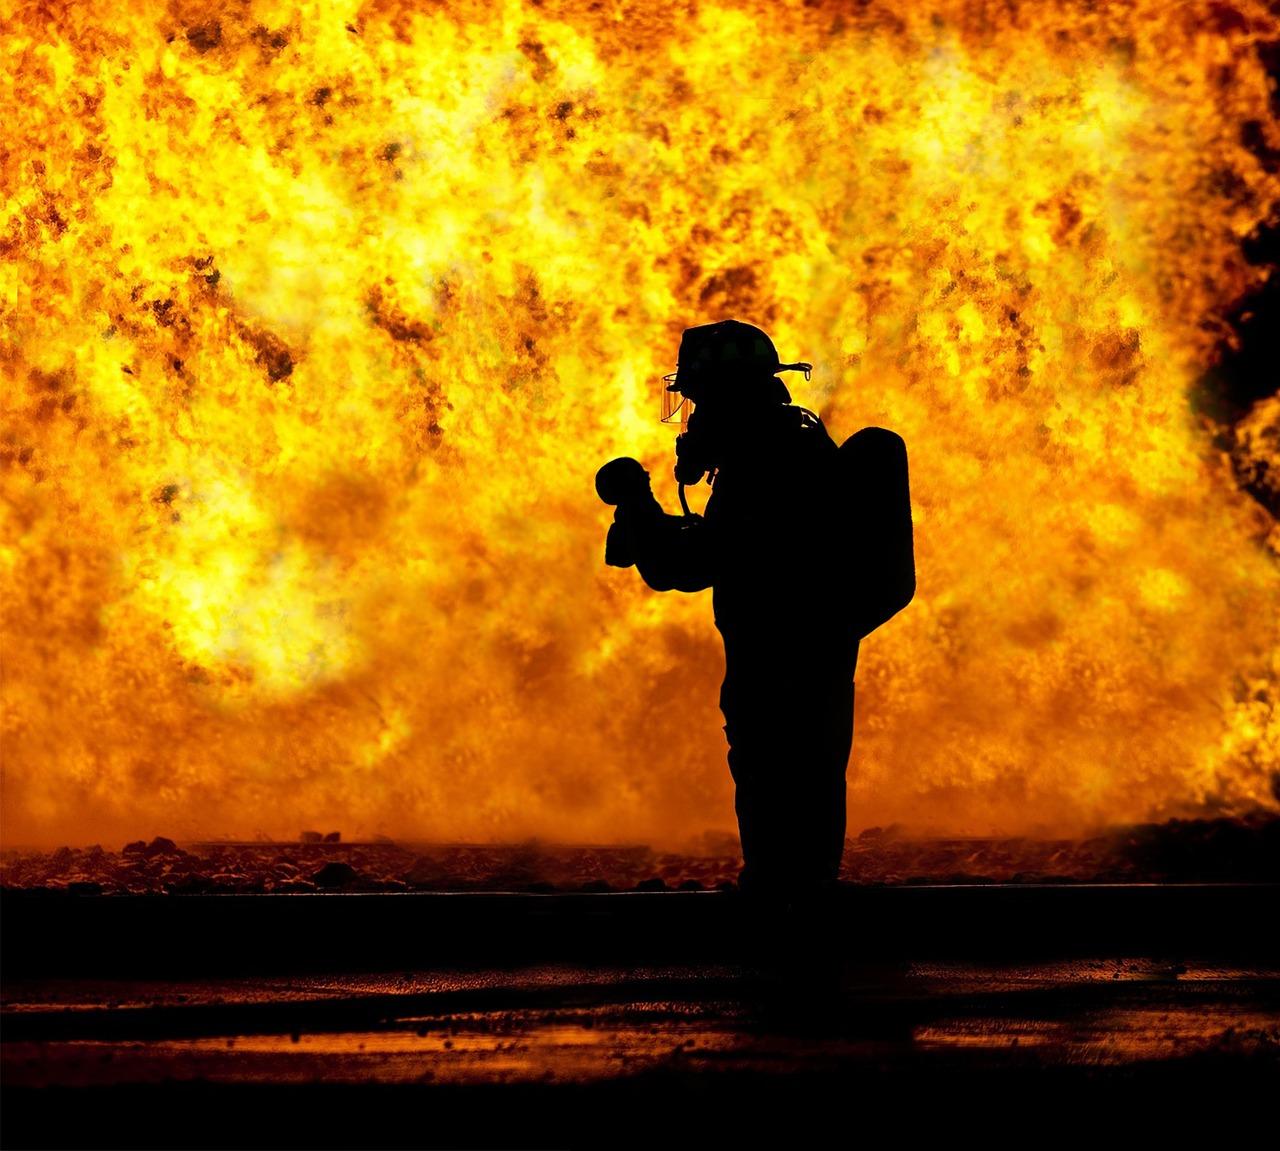 Instalación de extinción de incendios portátiles y fijas (extintores de polvo agua-espuma o CO2, bocas de incendios equipadas BIE, rociadores, hidrantes, columna seca...)